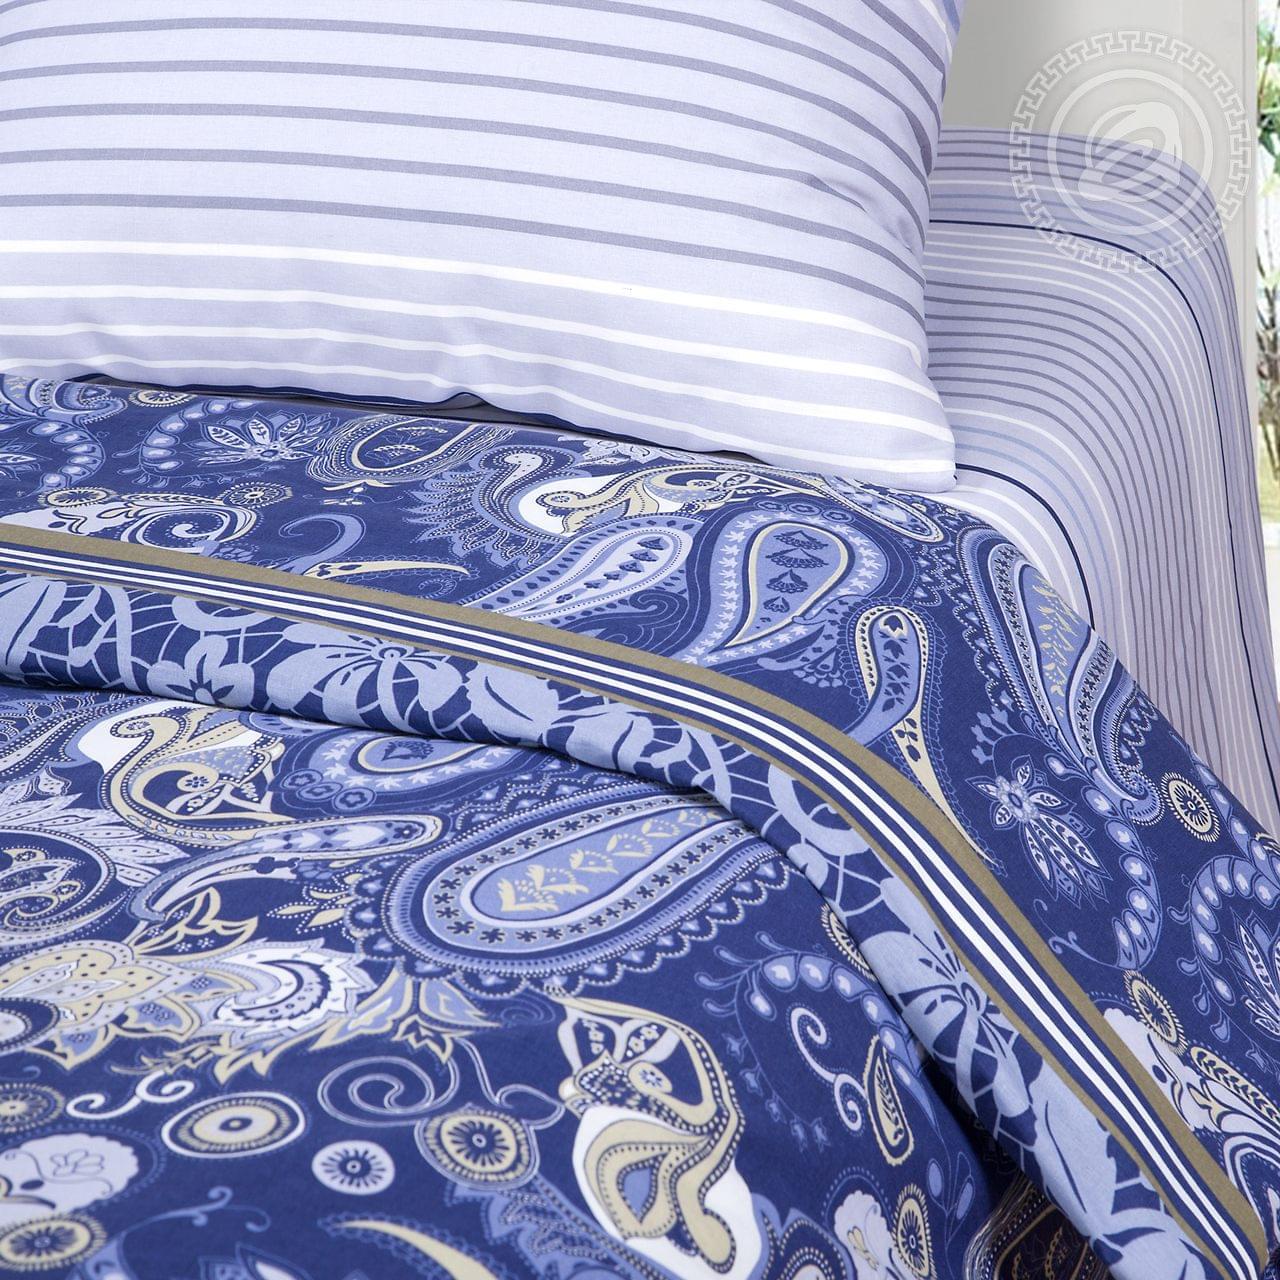 e6b99c4d8e4f Комплект постельного белья размер 2.0 спальный с евро простыней